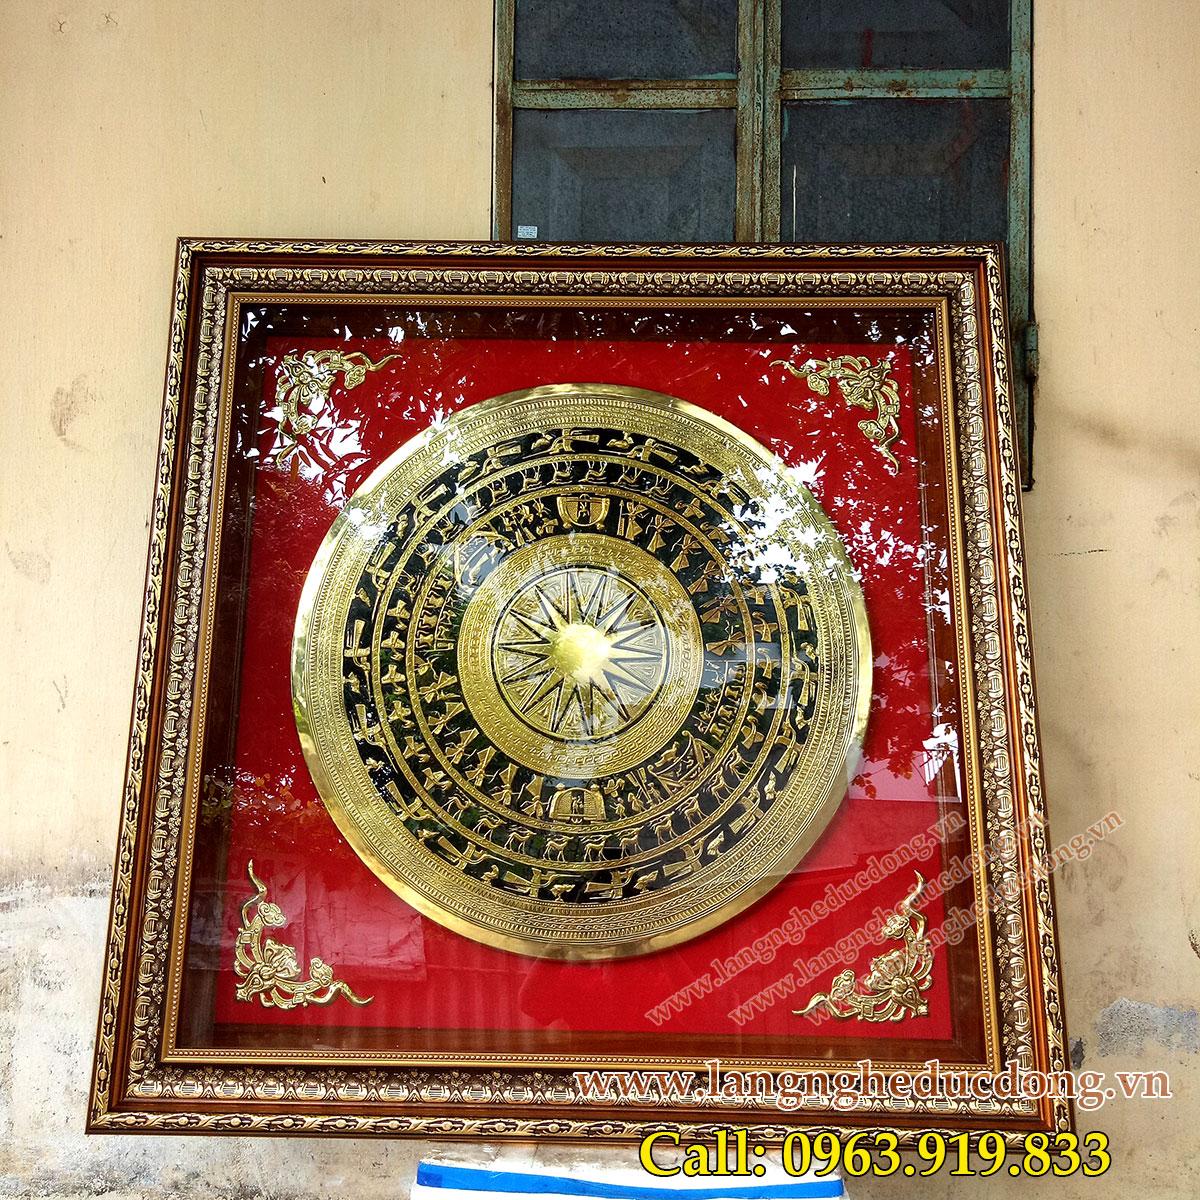 langngheducdong.vn - tranh đồng, tranh mặt trống đồng, mặt trống đồng vàng thúc nổi